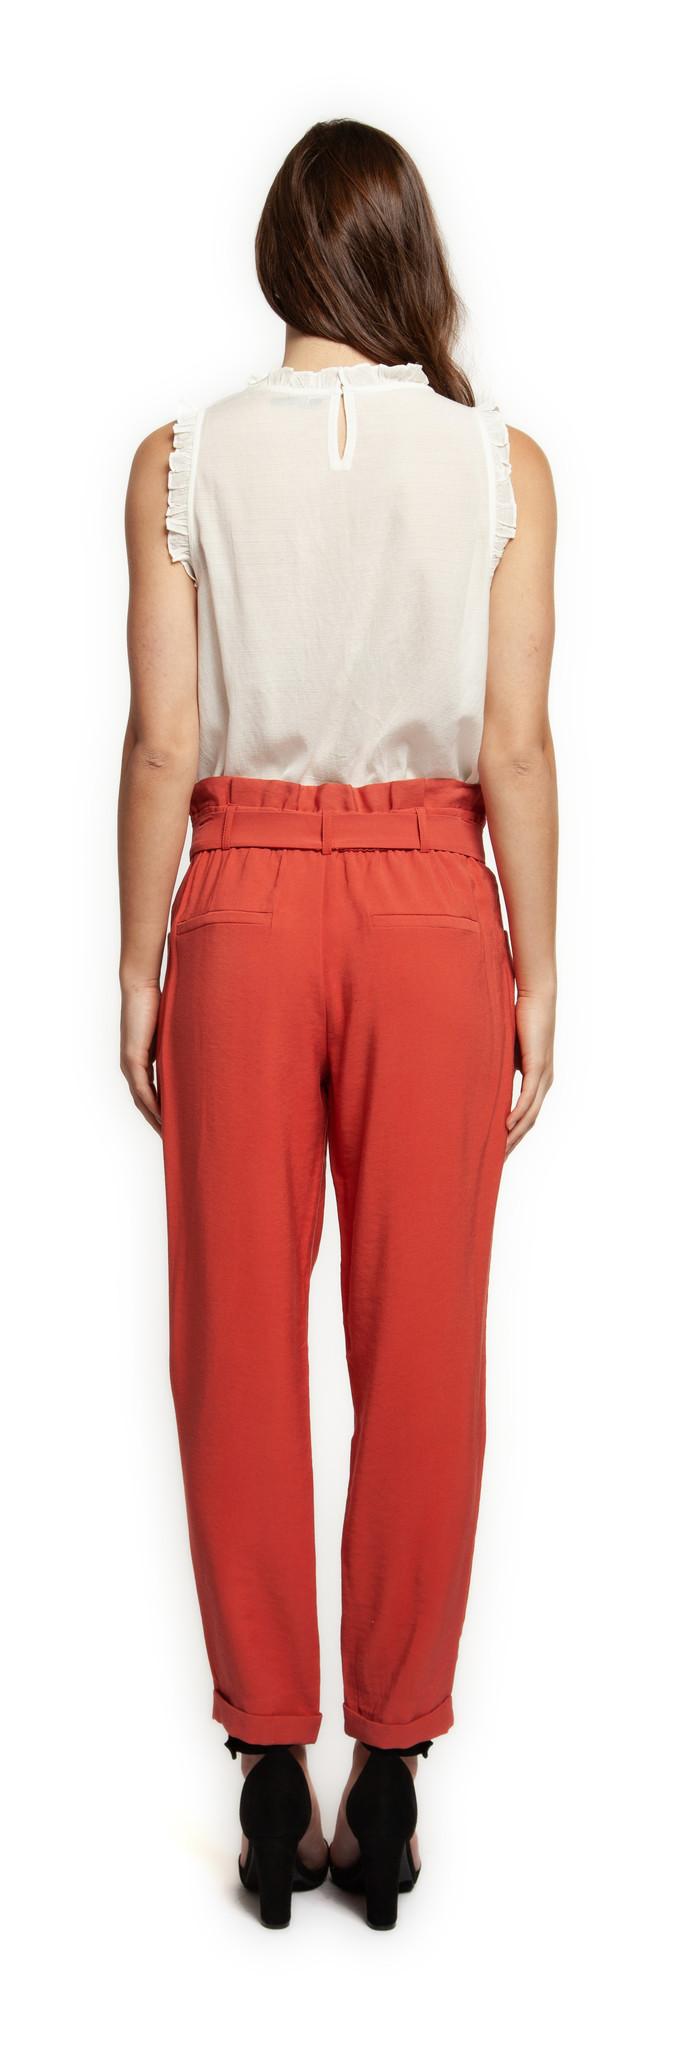 Dex Pantalon self tie